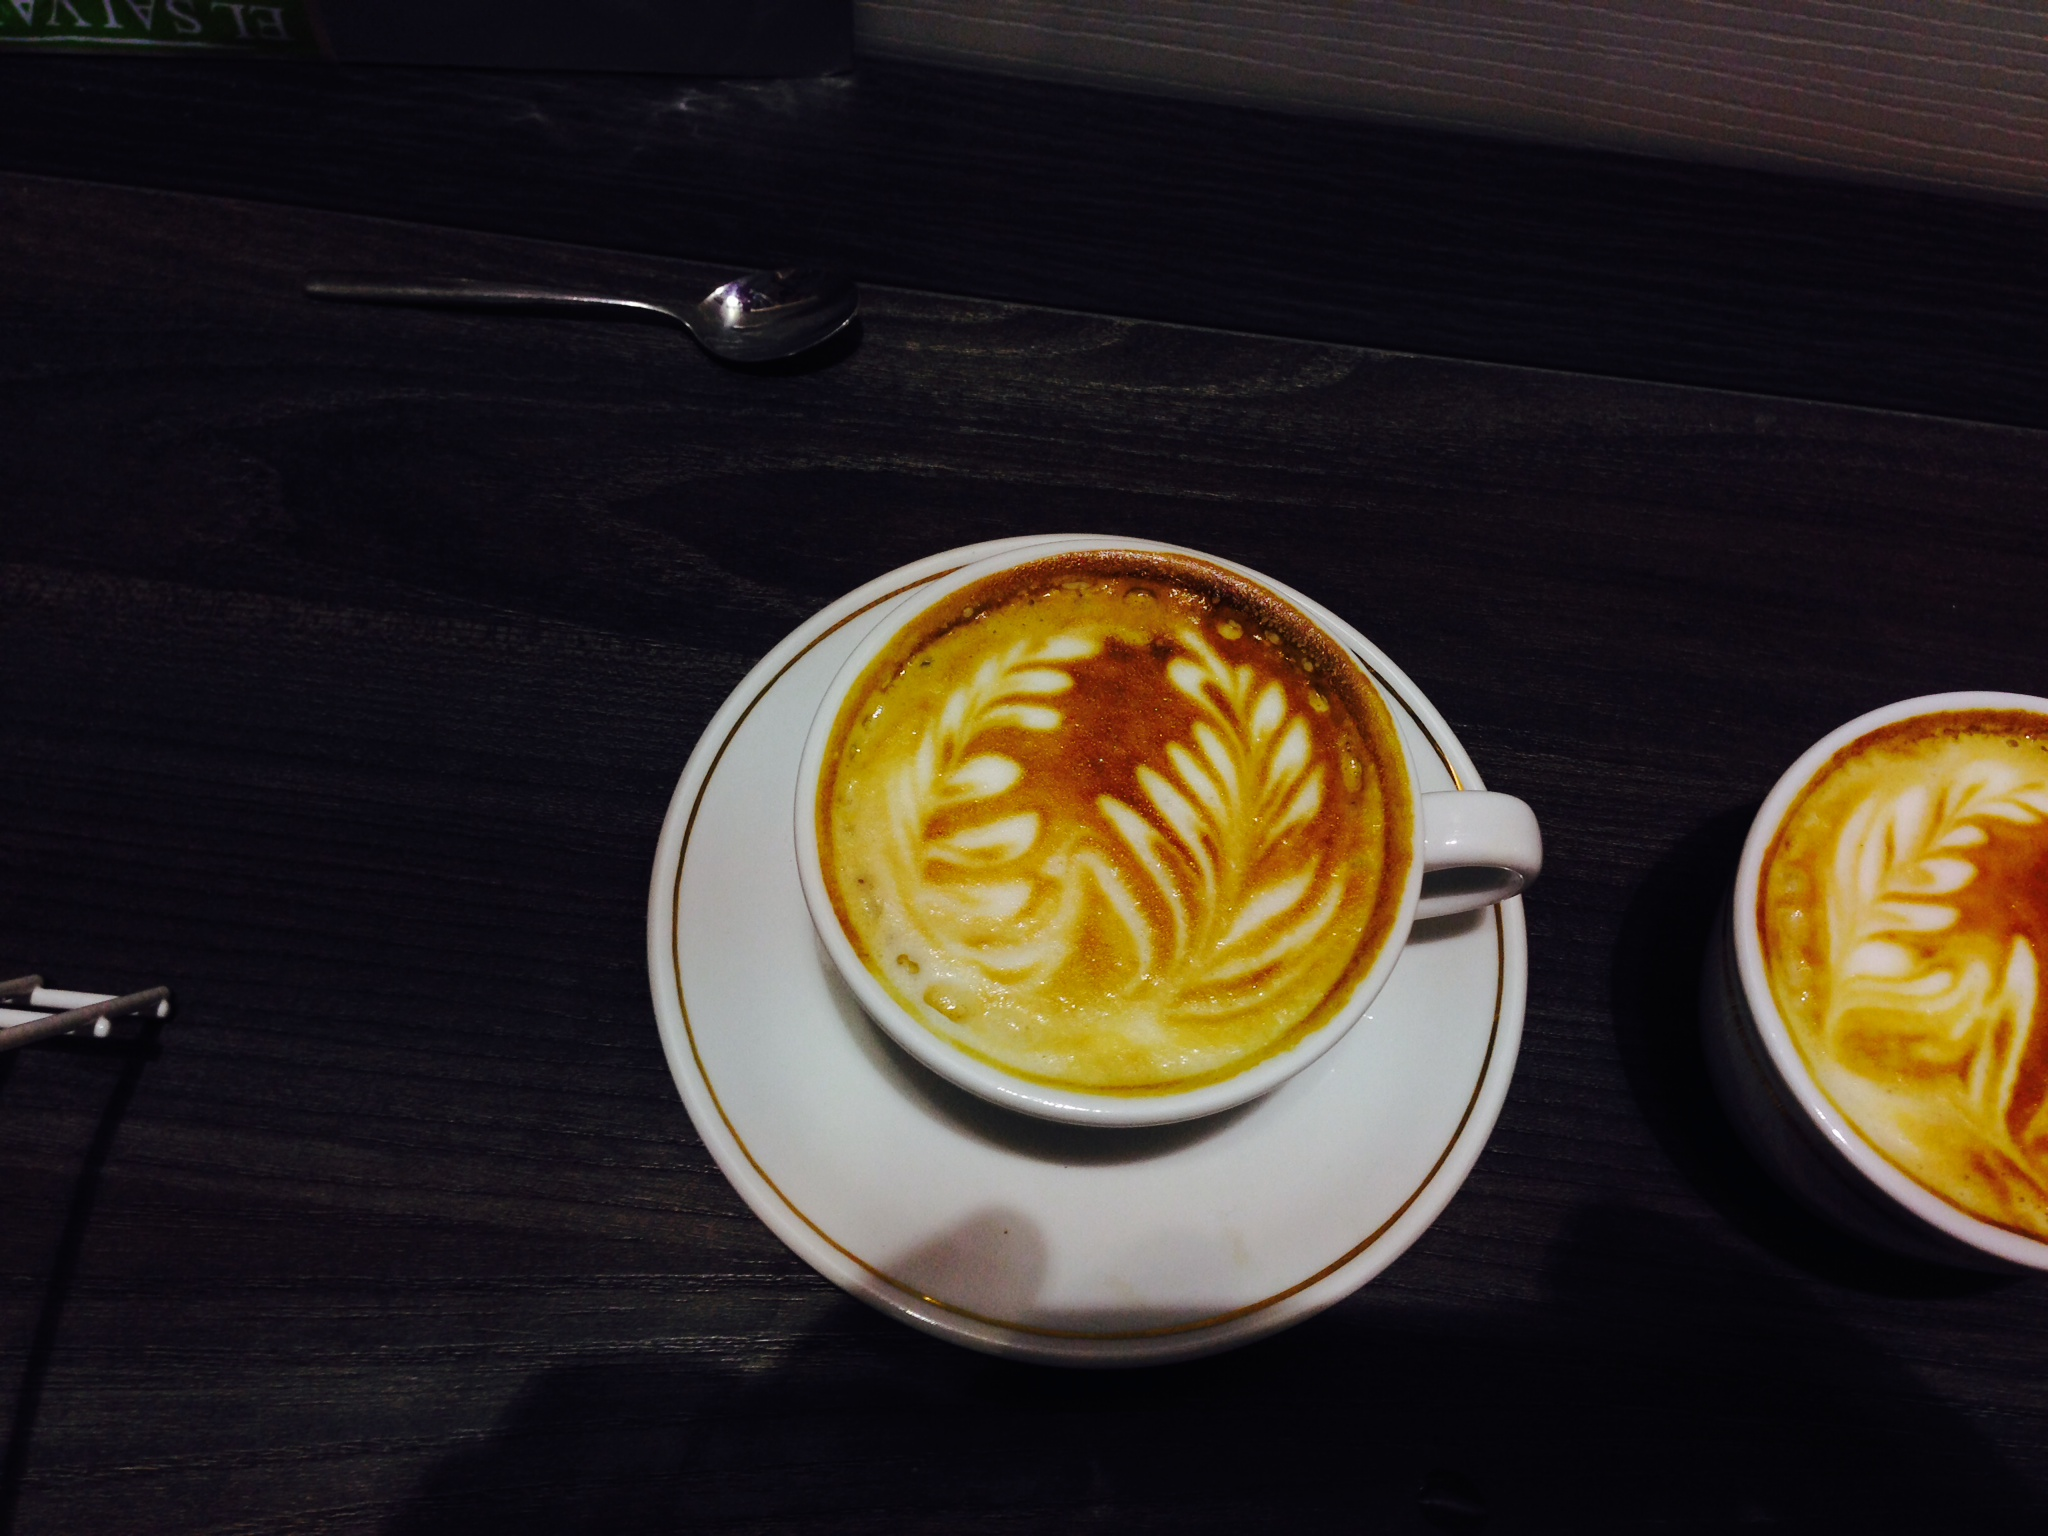 Cimbali UK Swirling Rosetta by Rob Ward - Coffee Art Cimbali UK